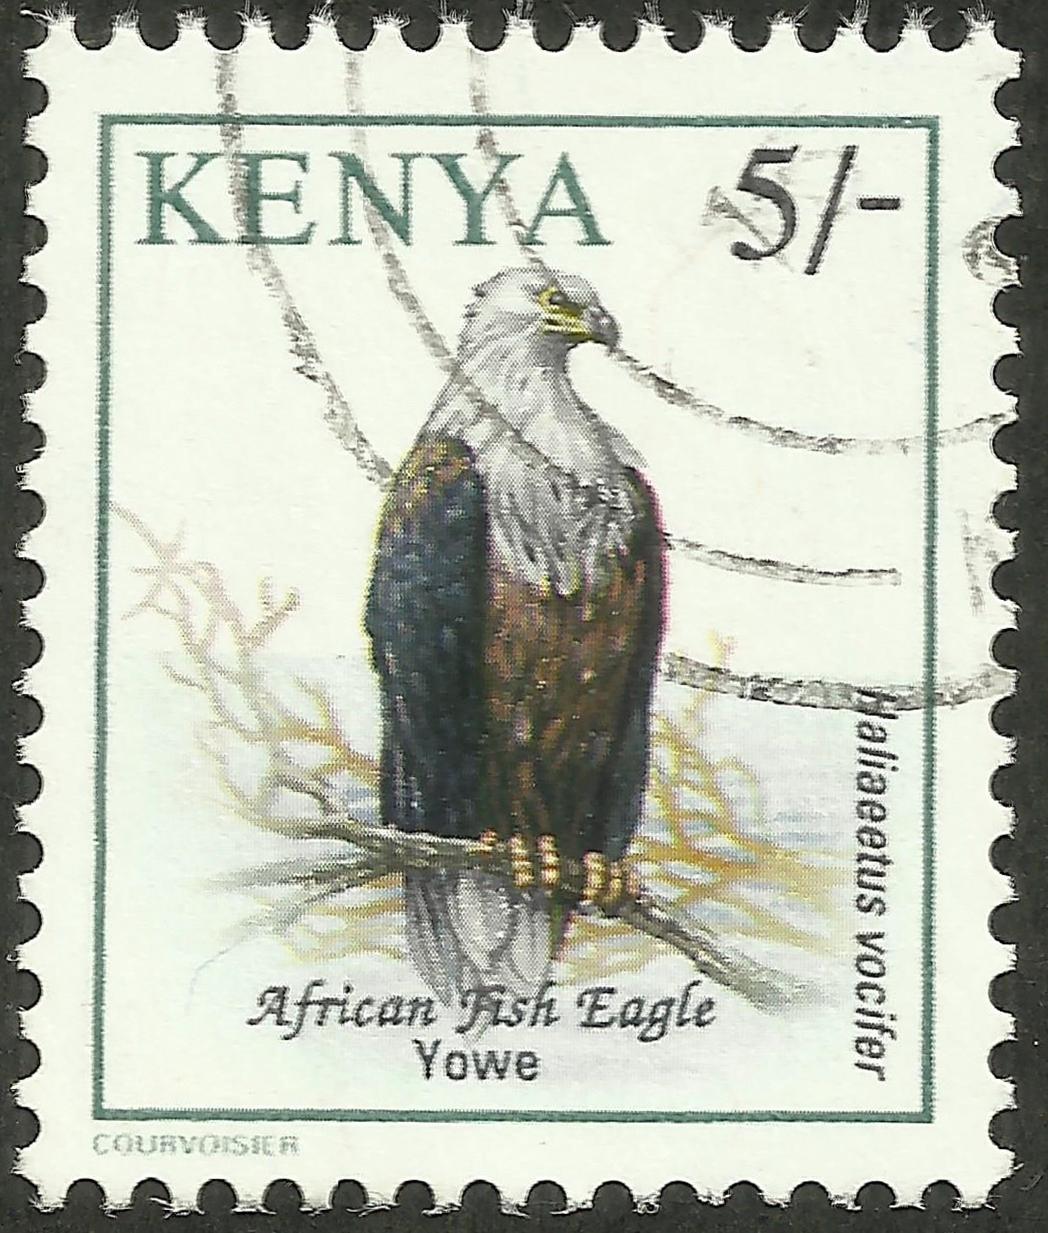 Kenya #601 (1994)